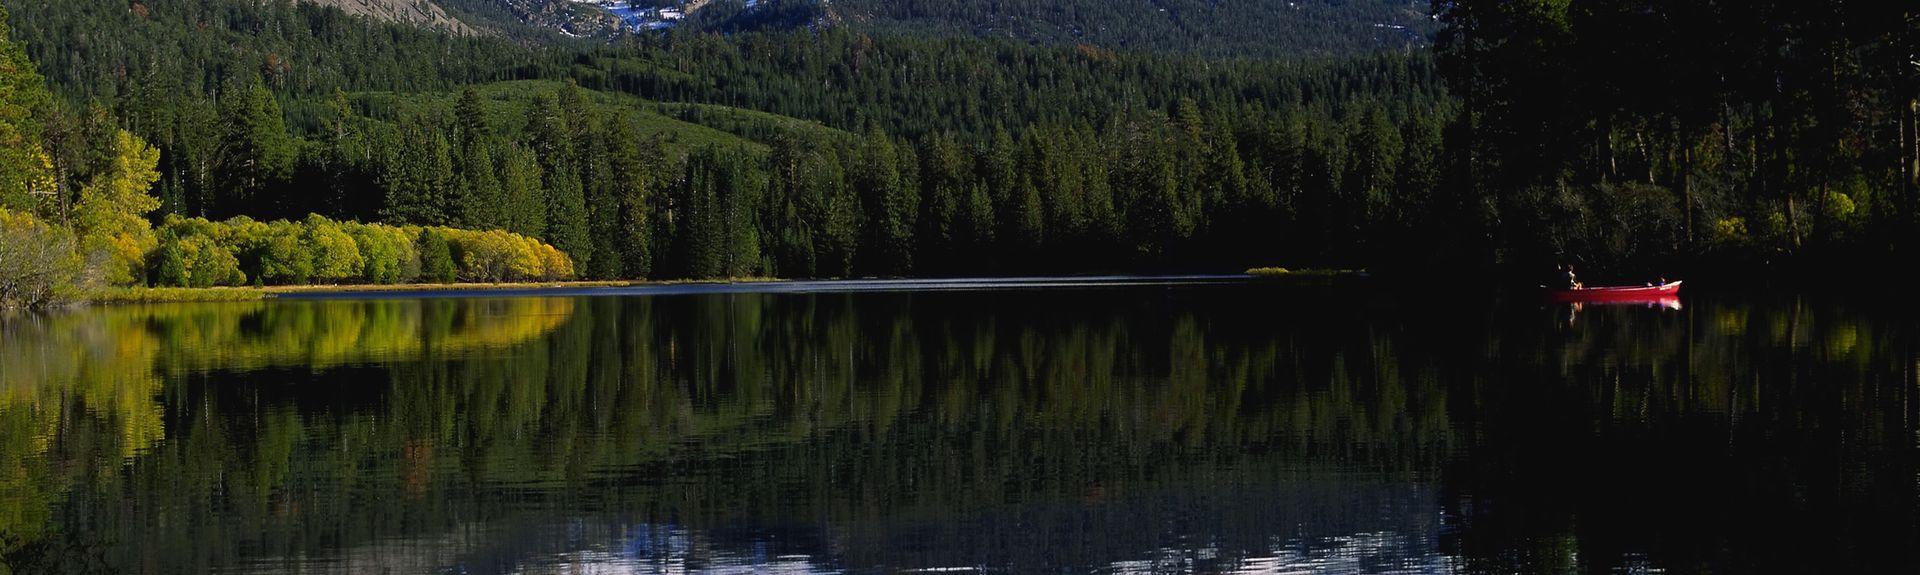 Lake Almanor, Chester, California, United States of America